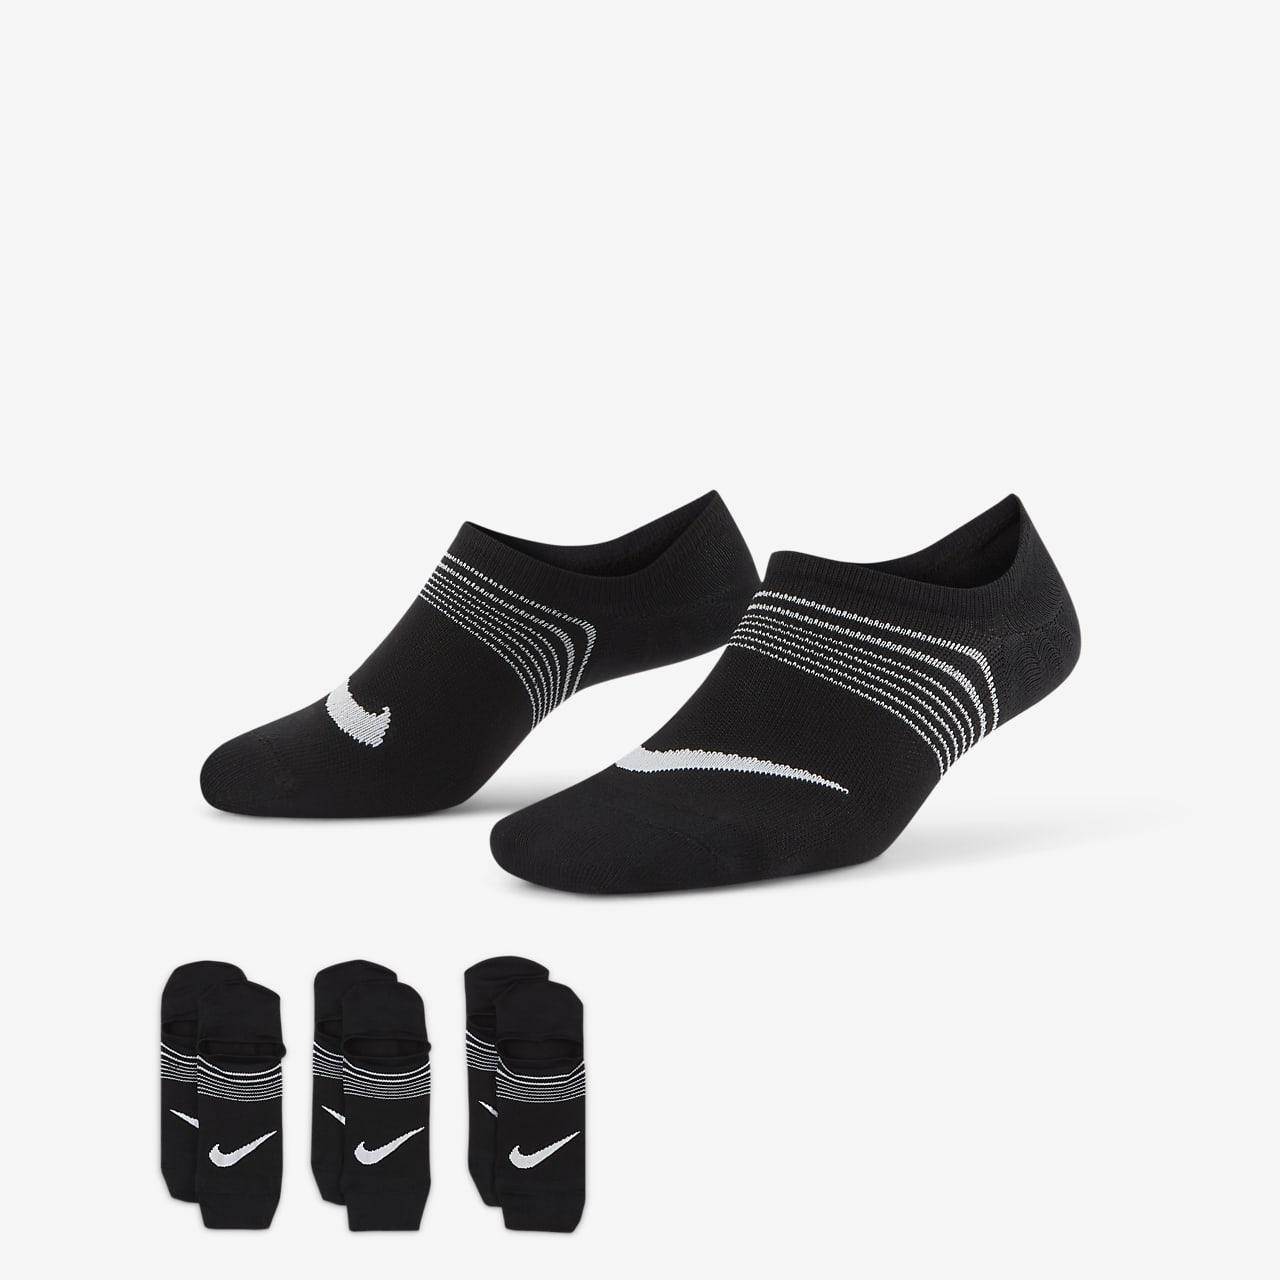 Socquettes ouvertes de training Nike Everyday Plus Lightweight pour Femme (3 paires)